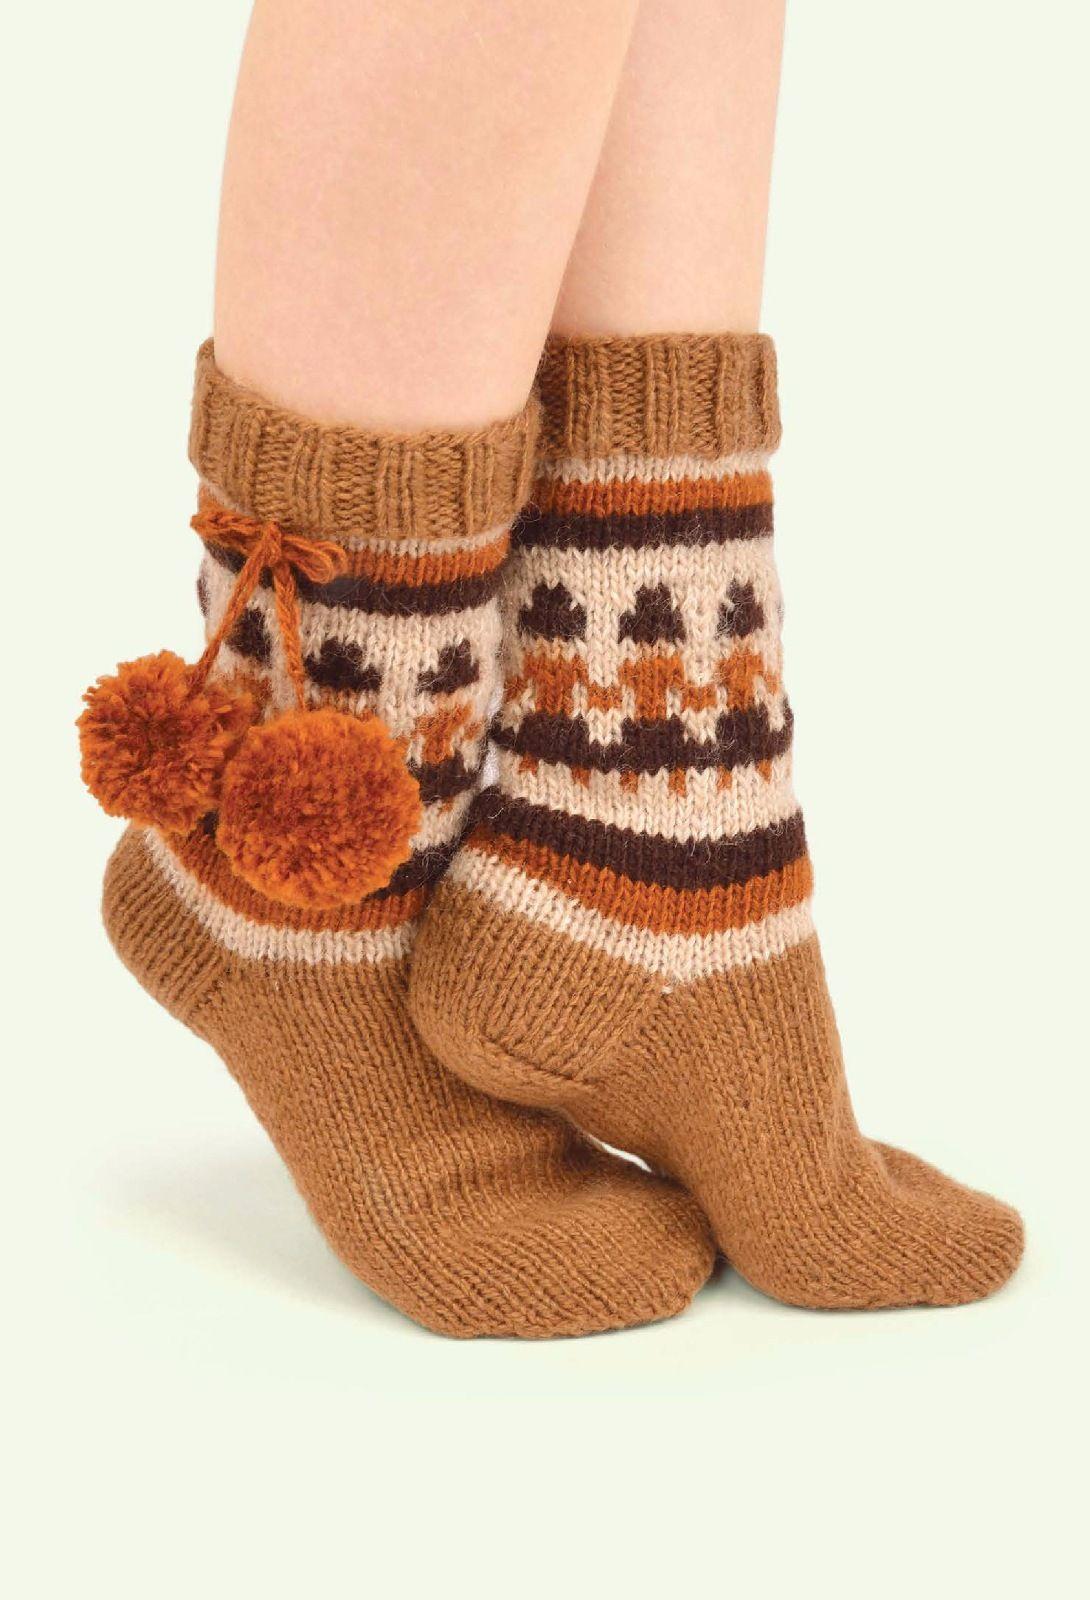 сыграл роль модели вязаных носков фото хорошо пройтись